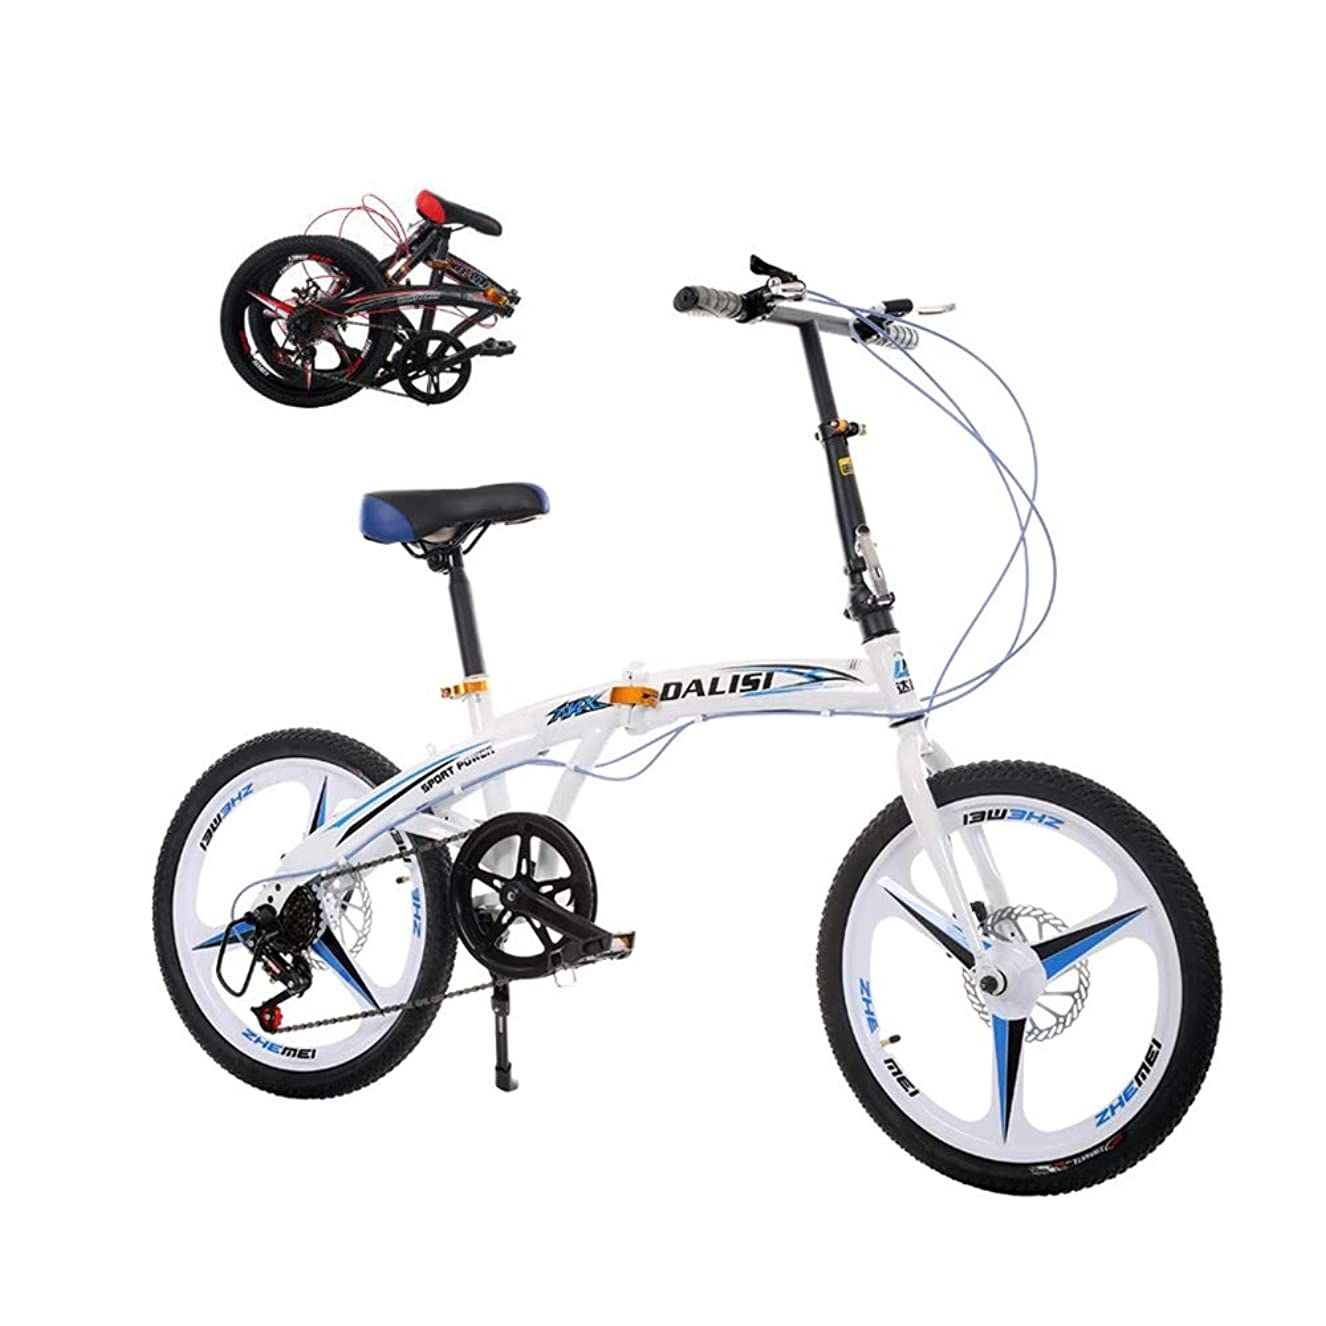 推進力不利扱いやすい子供用折りたたみ自転車、20インチポータブルシフティングディスクブレーキ、アルミニウム合金、男子と女子の片輪自転車(色:白)